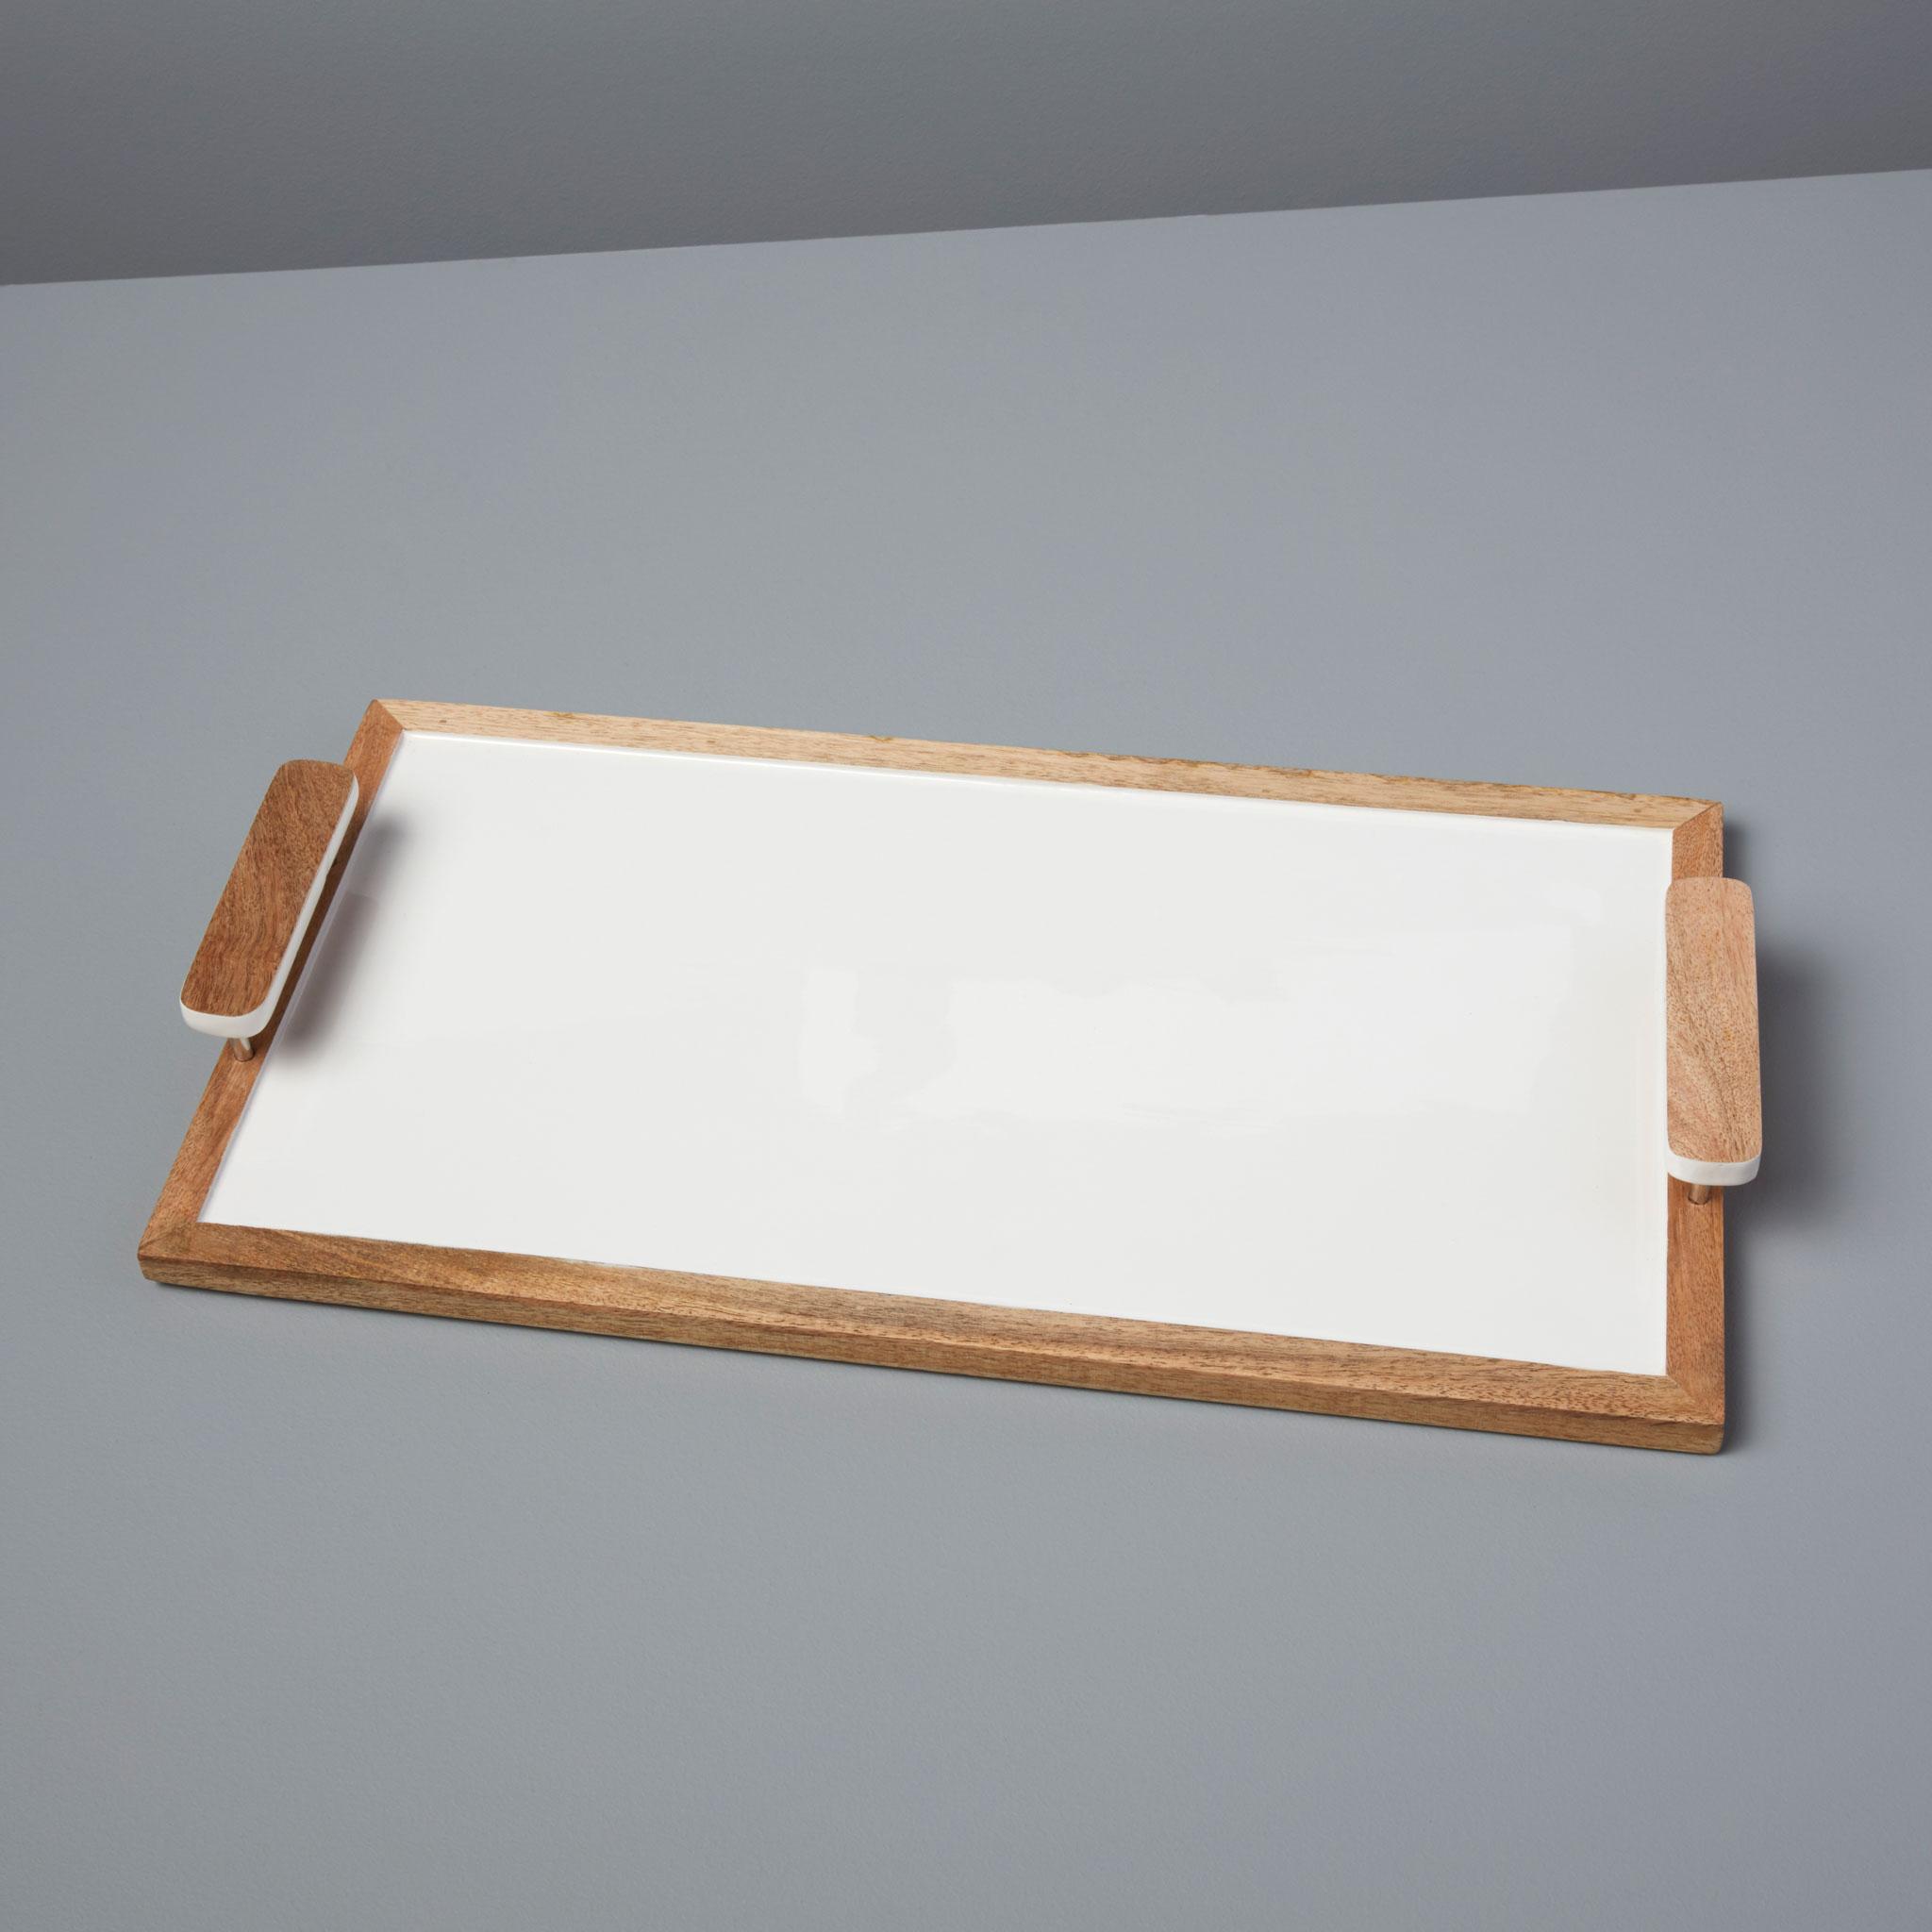 Mango wood & white enamel rectangular tray-$112.00